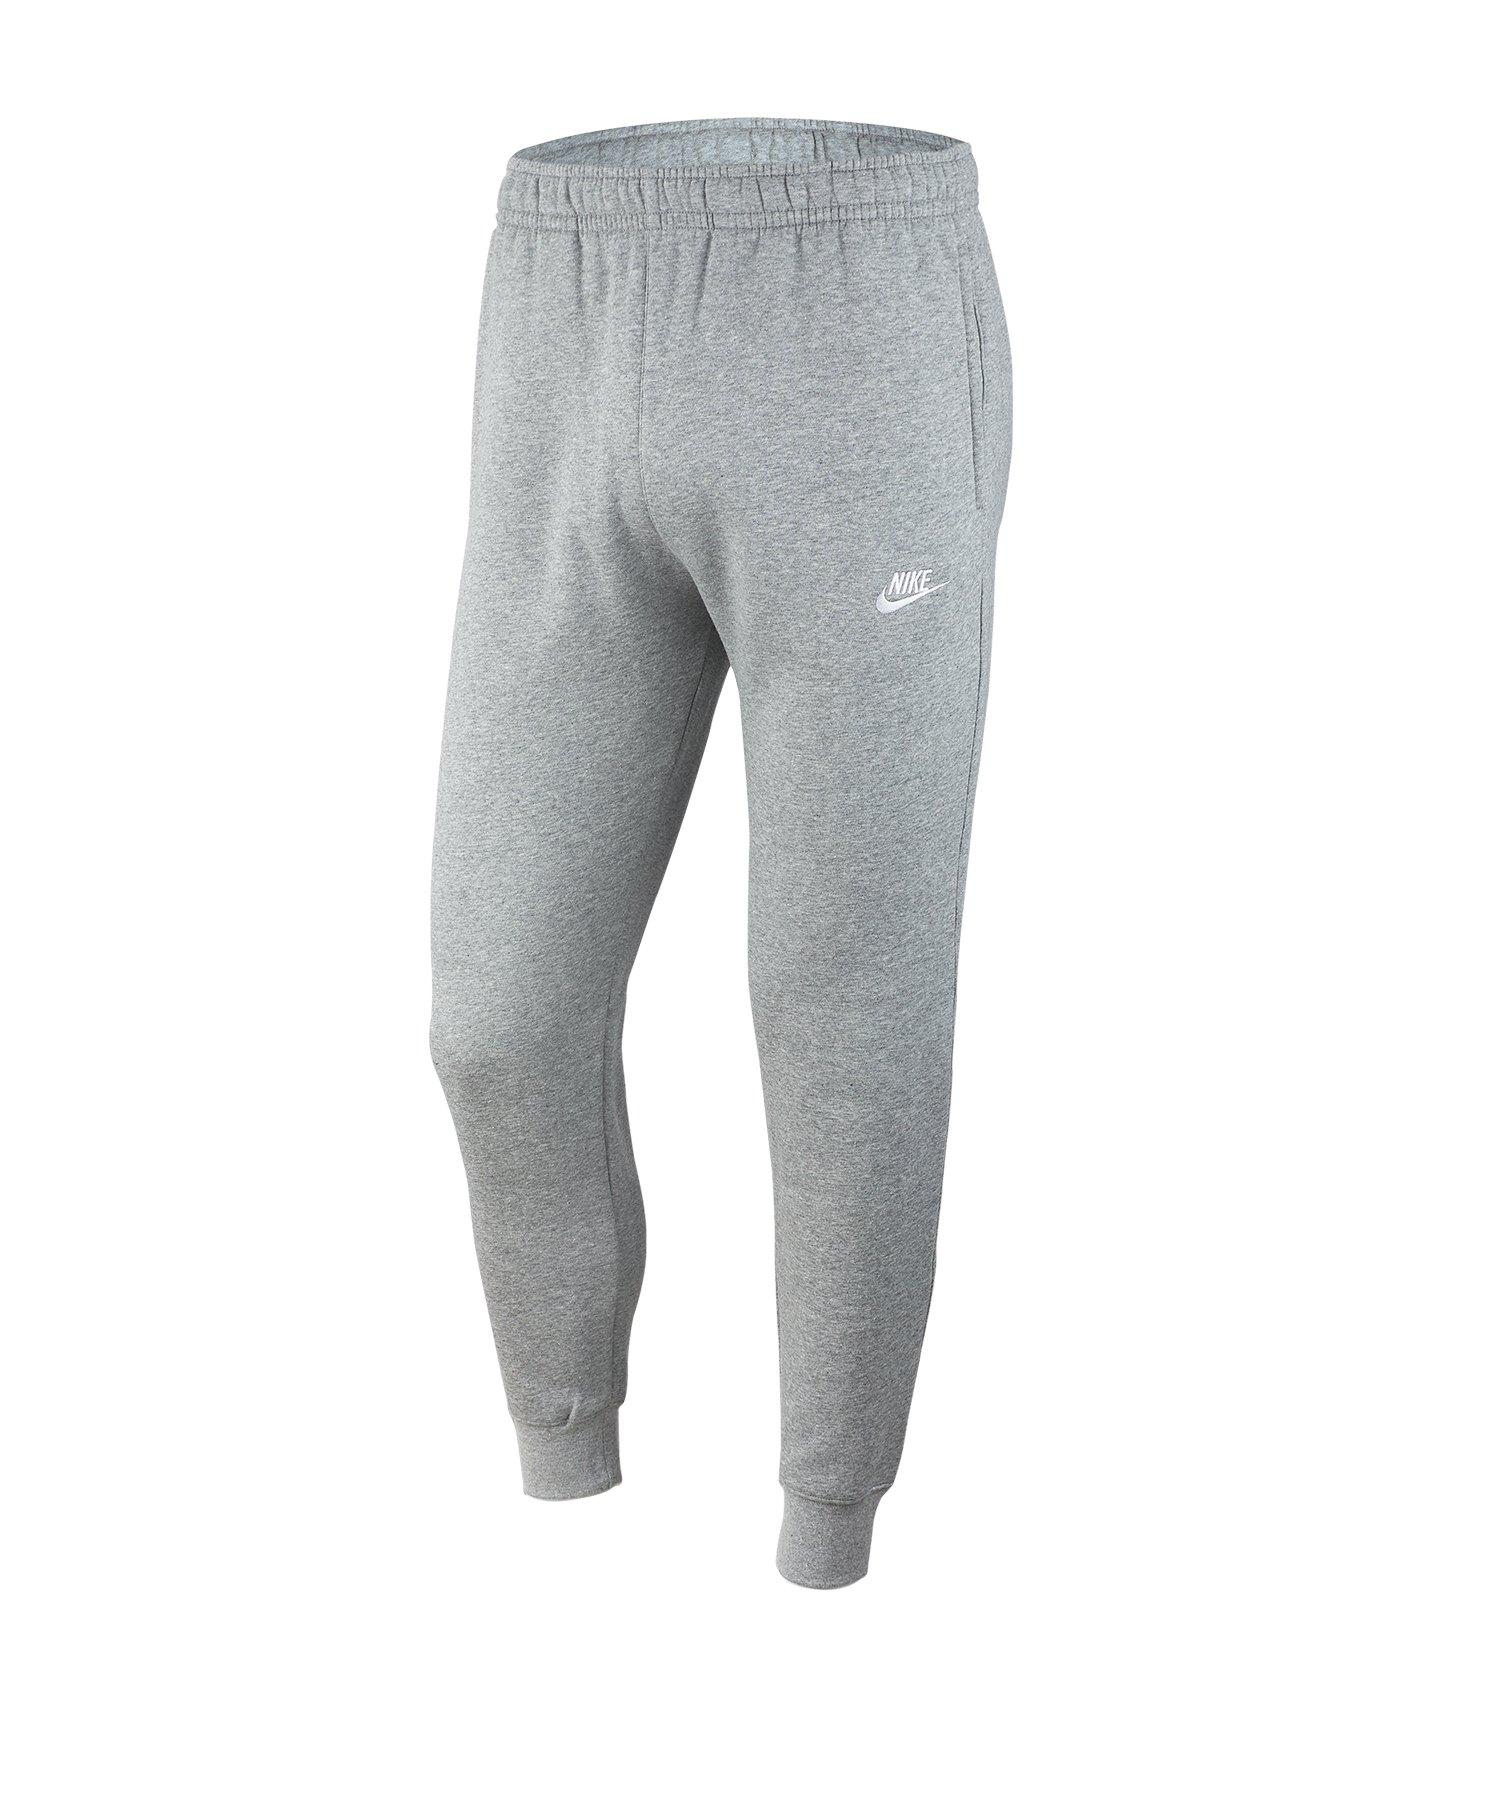 Nike Club Fleece Jogginghose Grau F063 - grau